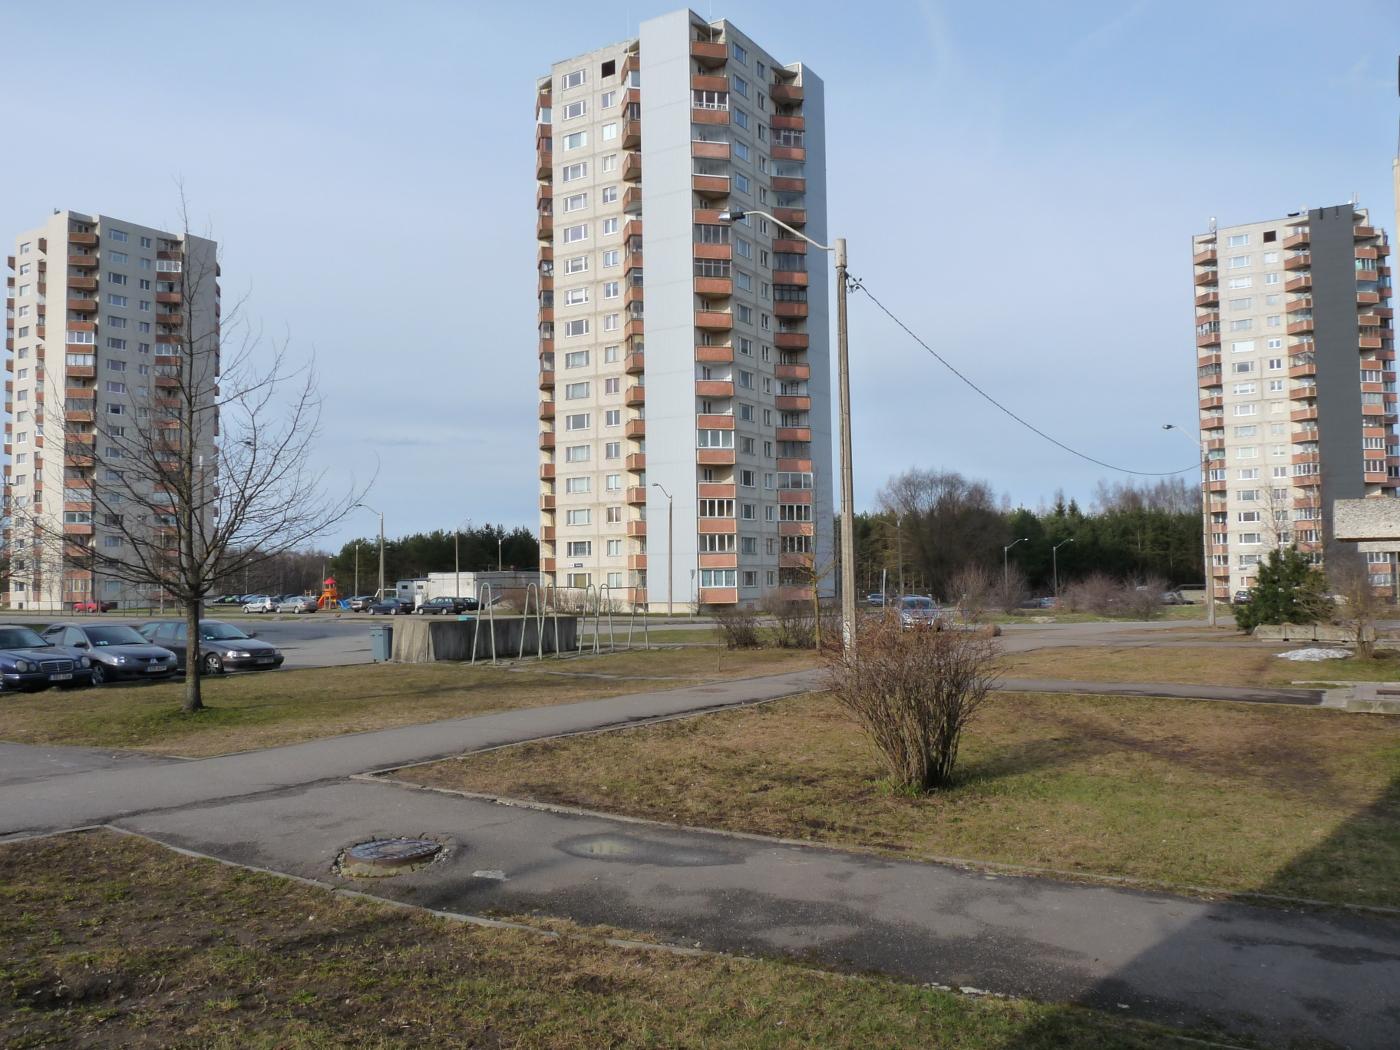 EU-EE-Tallinn-LAS-Seli-Ümera_towers